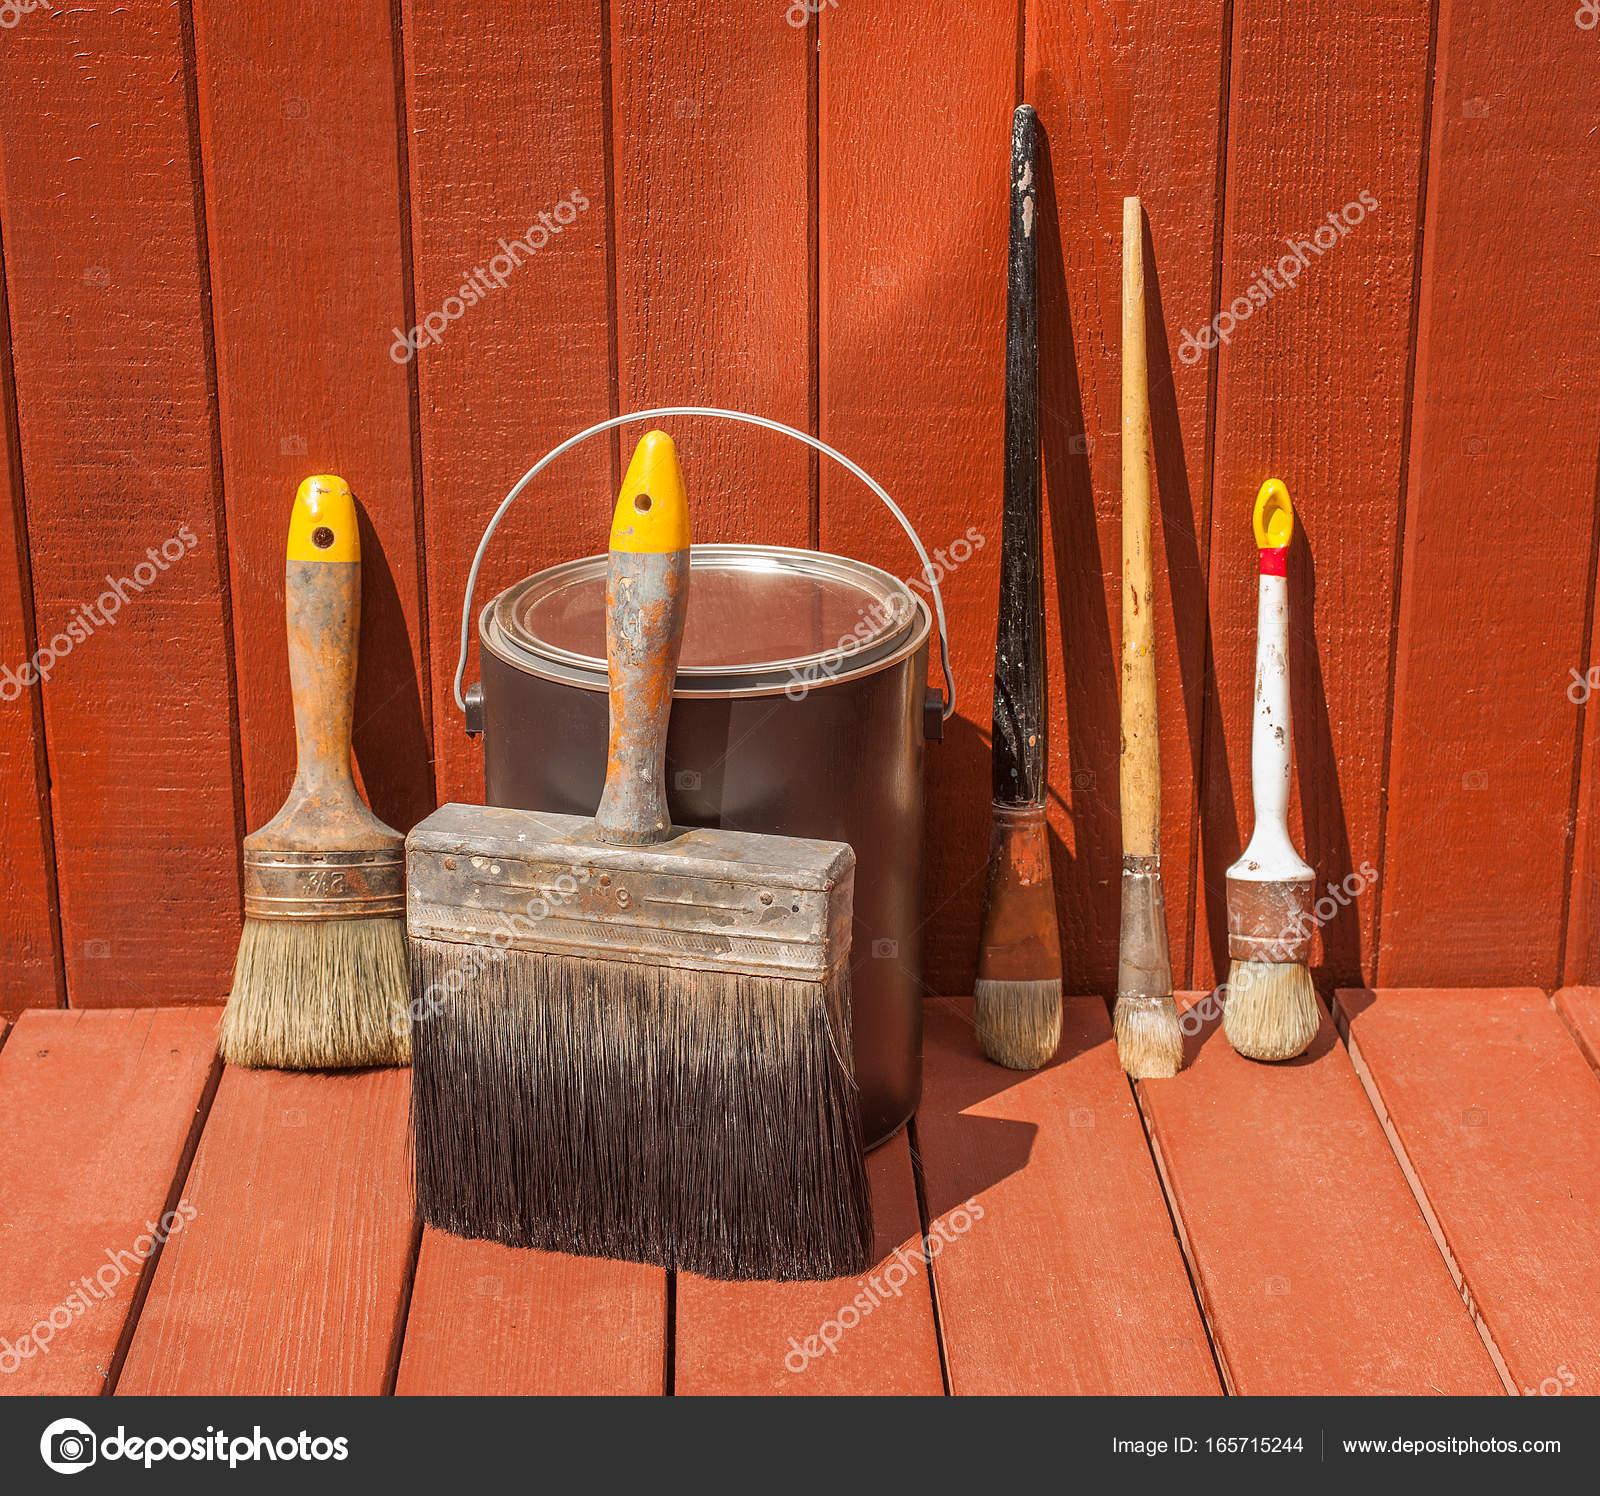 pinceaux pot peinture contre une voie garage maison juste peinte